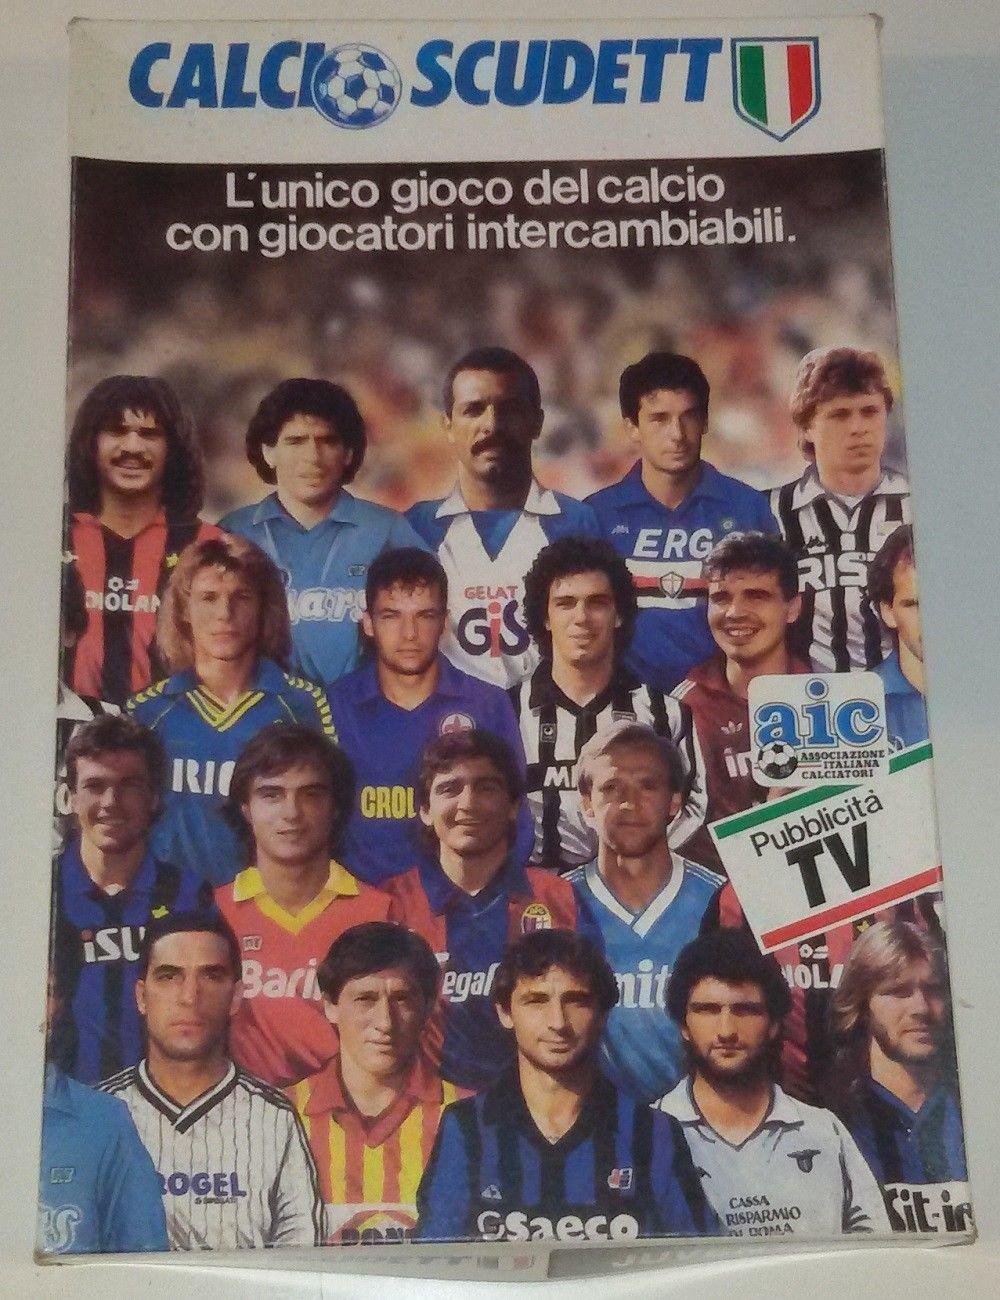 Calcio Scudetto 1988-1989 Shapes Juventus Team Soccer